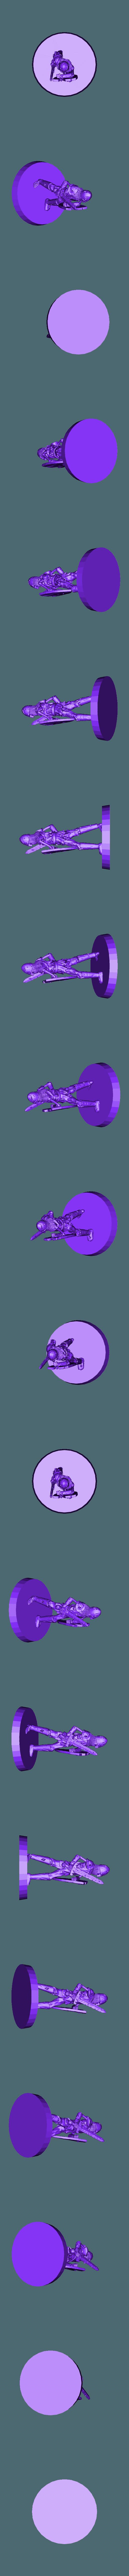 skeleton_warrior_round_base.stl Télécharger fichier STL gratuit Guerrier squelette miniature • Objet à imprimer en 3D, Ilhadiel